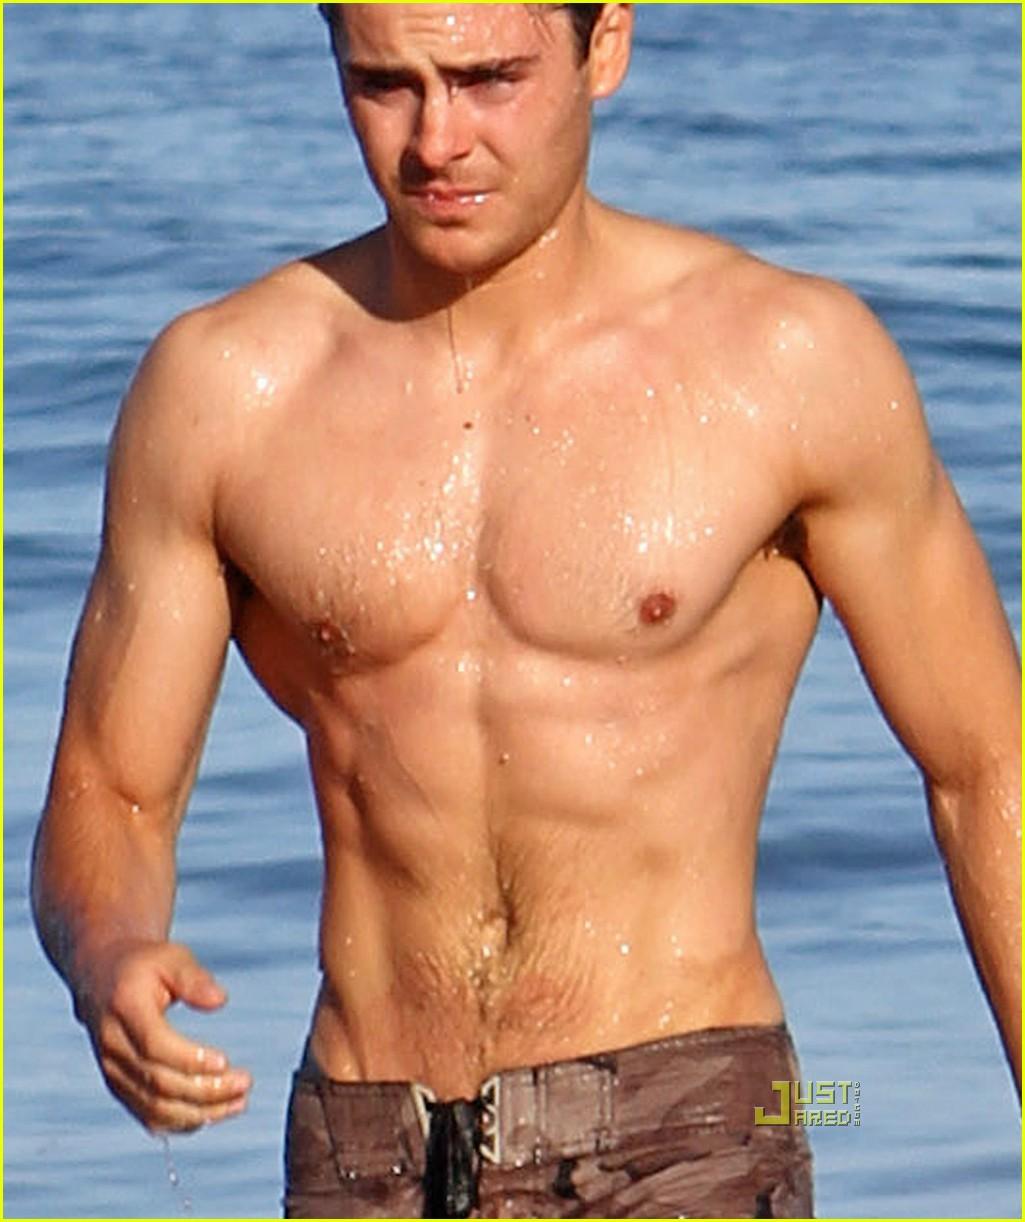 http://4.bp.blogspot.com/-EfBHUEmf7Q8/T8E5oeMQSfI/AAAAAAAAKNg/TxIF5HBS7S0/s1600/shirtless-zac-efron-02.jpg